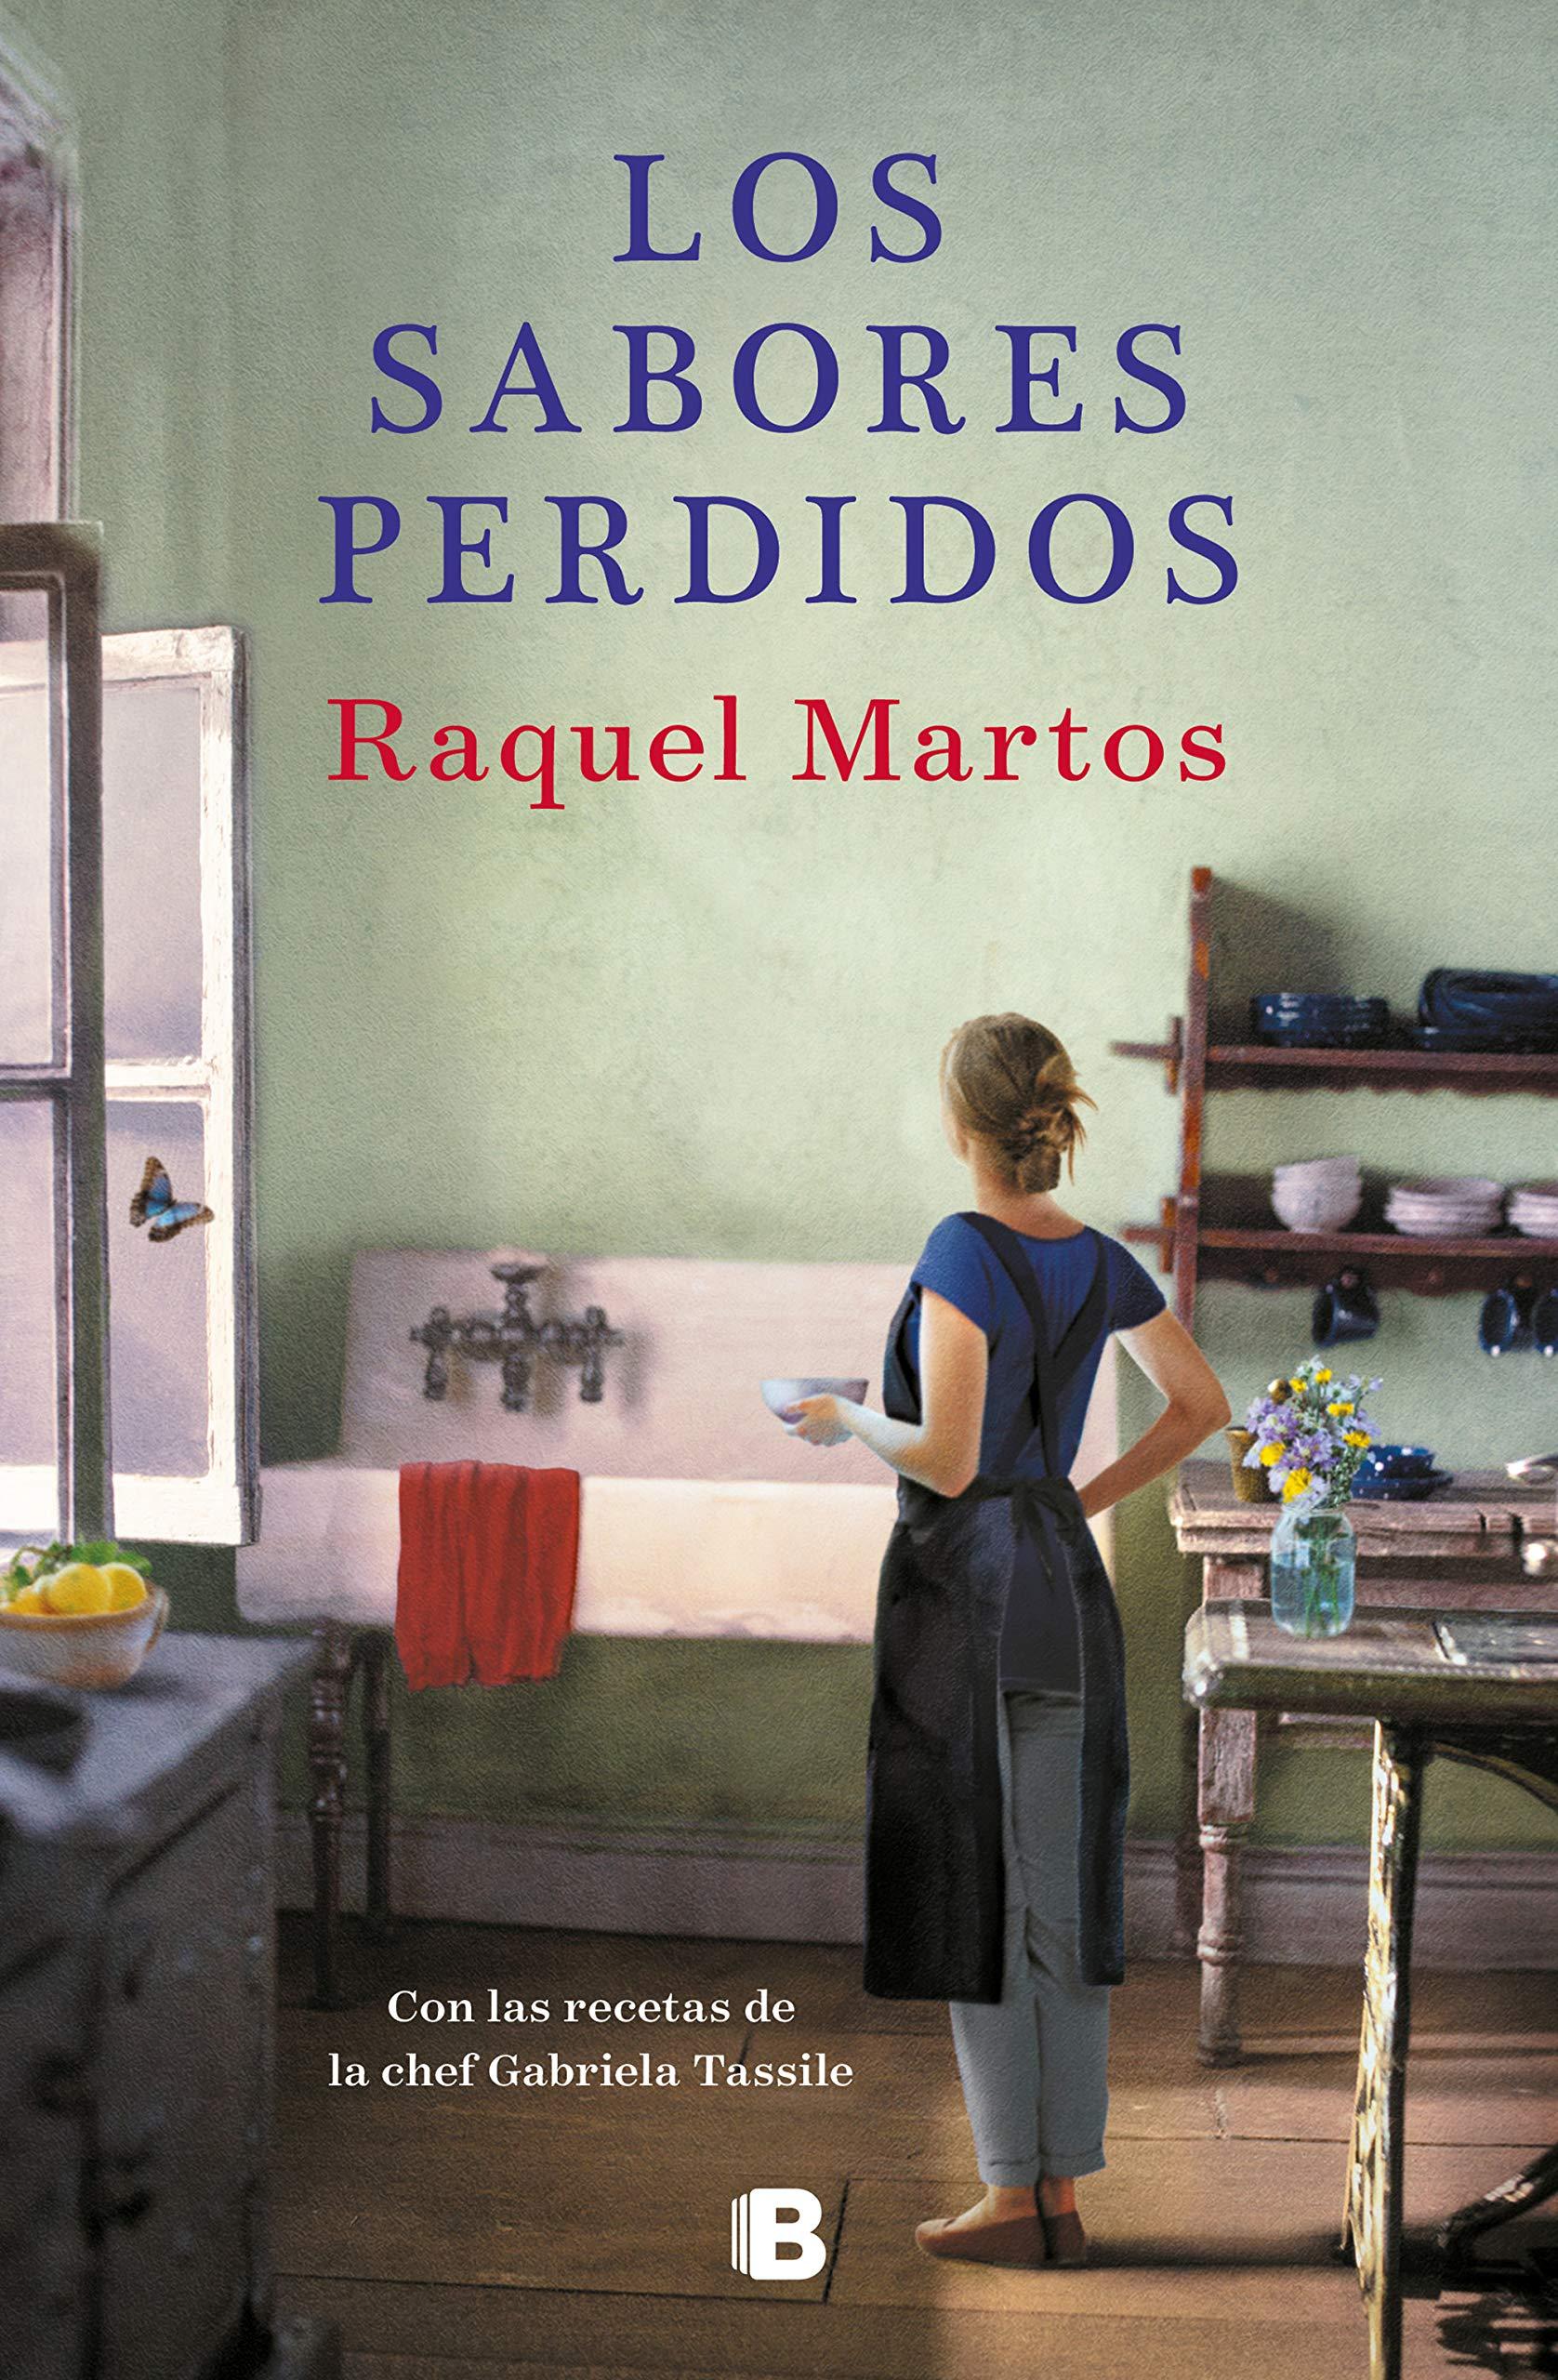 Los sabores perdidos (Grandes novelas): Amazon.es: Martos, Raquel, Tassile, Gabriela: Libros